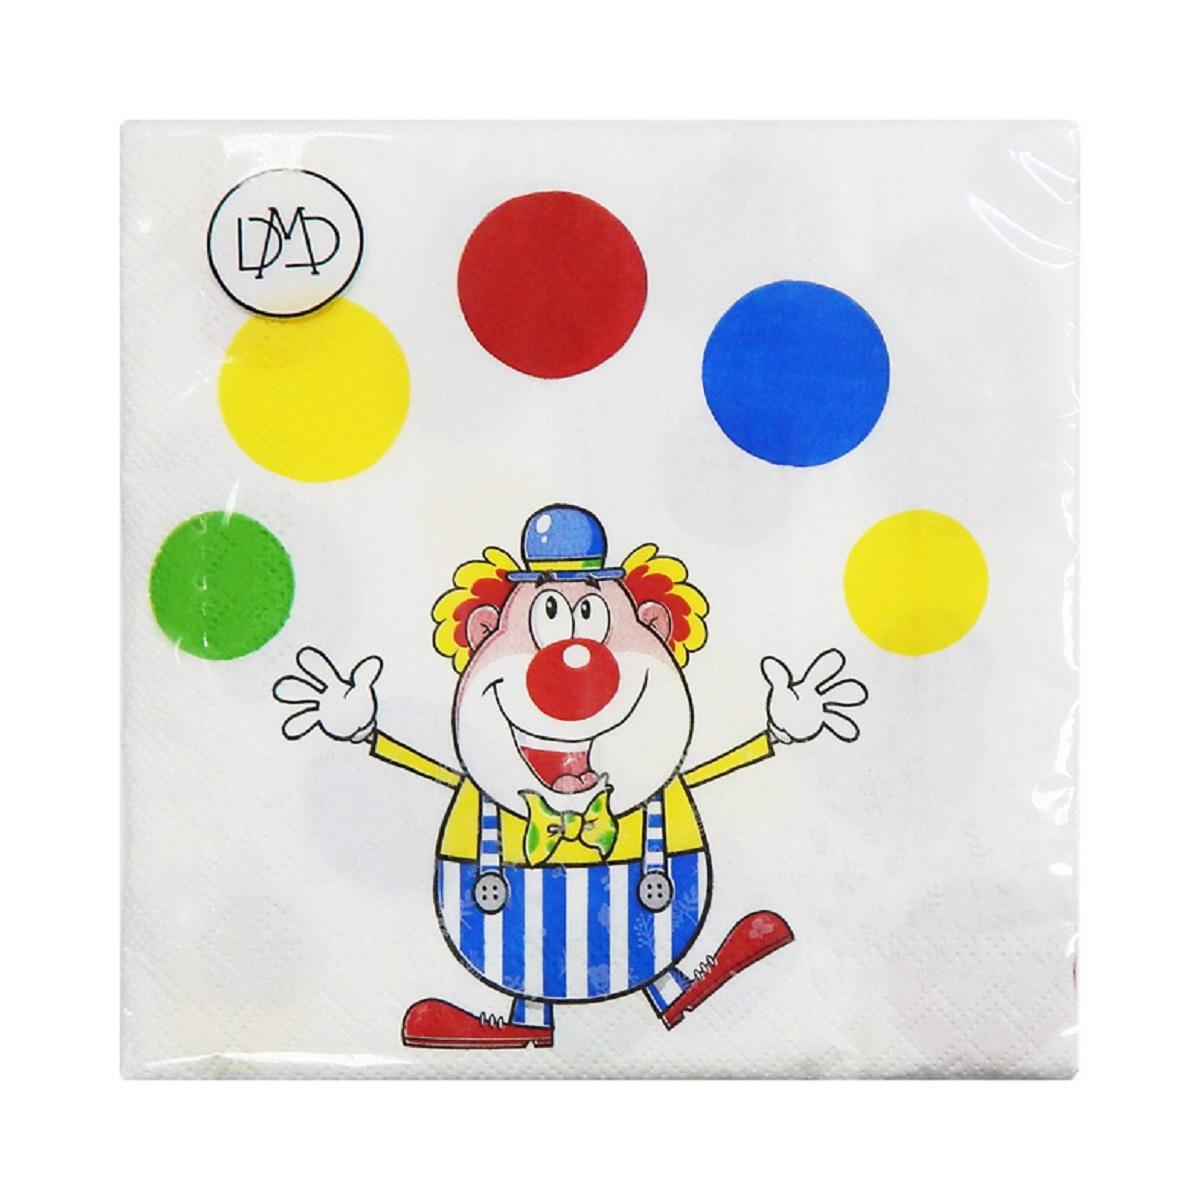 Бумажные салфетки DMD Клоун, 33 х 33 см, три слоя, 20 штIRK-503Бумажные трехслойные салфетки DMD Клоун для бытового и санитарно-гигиенического назначения одноразового использования.